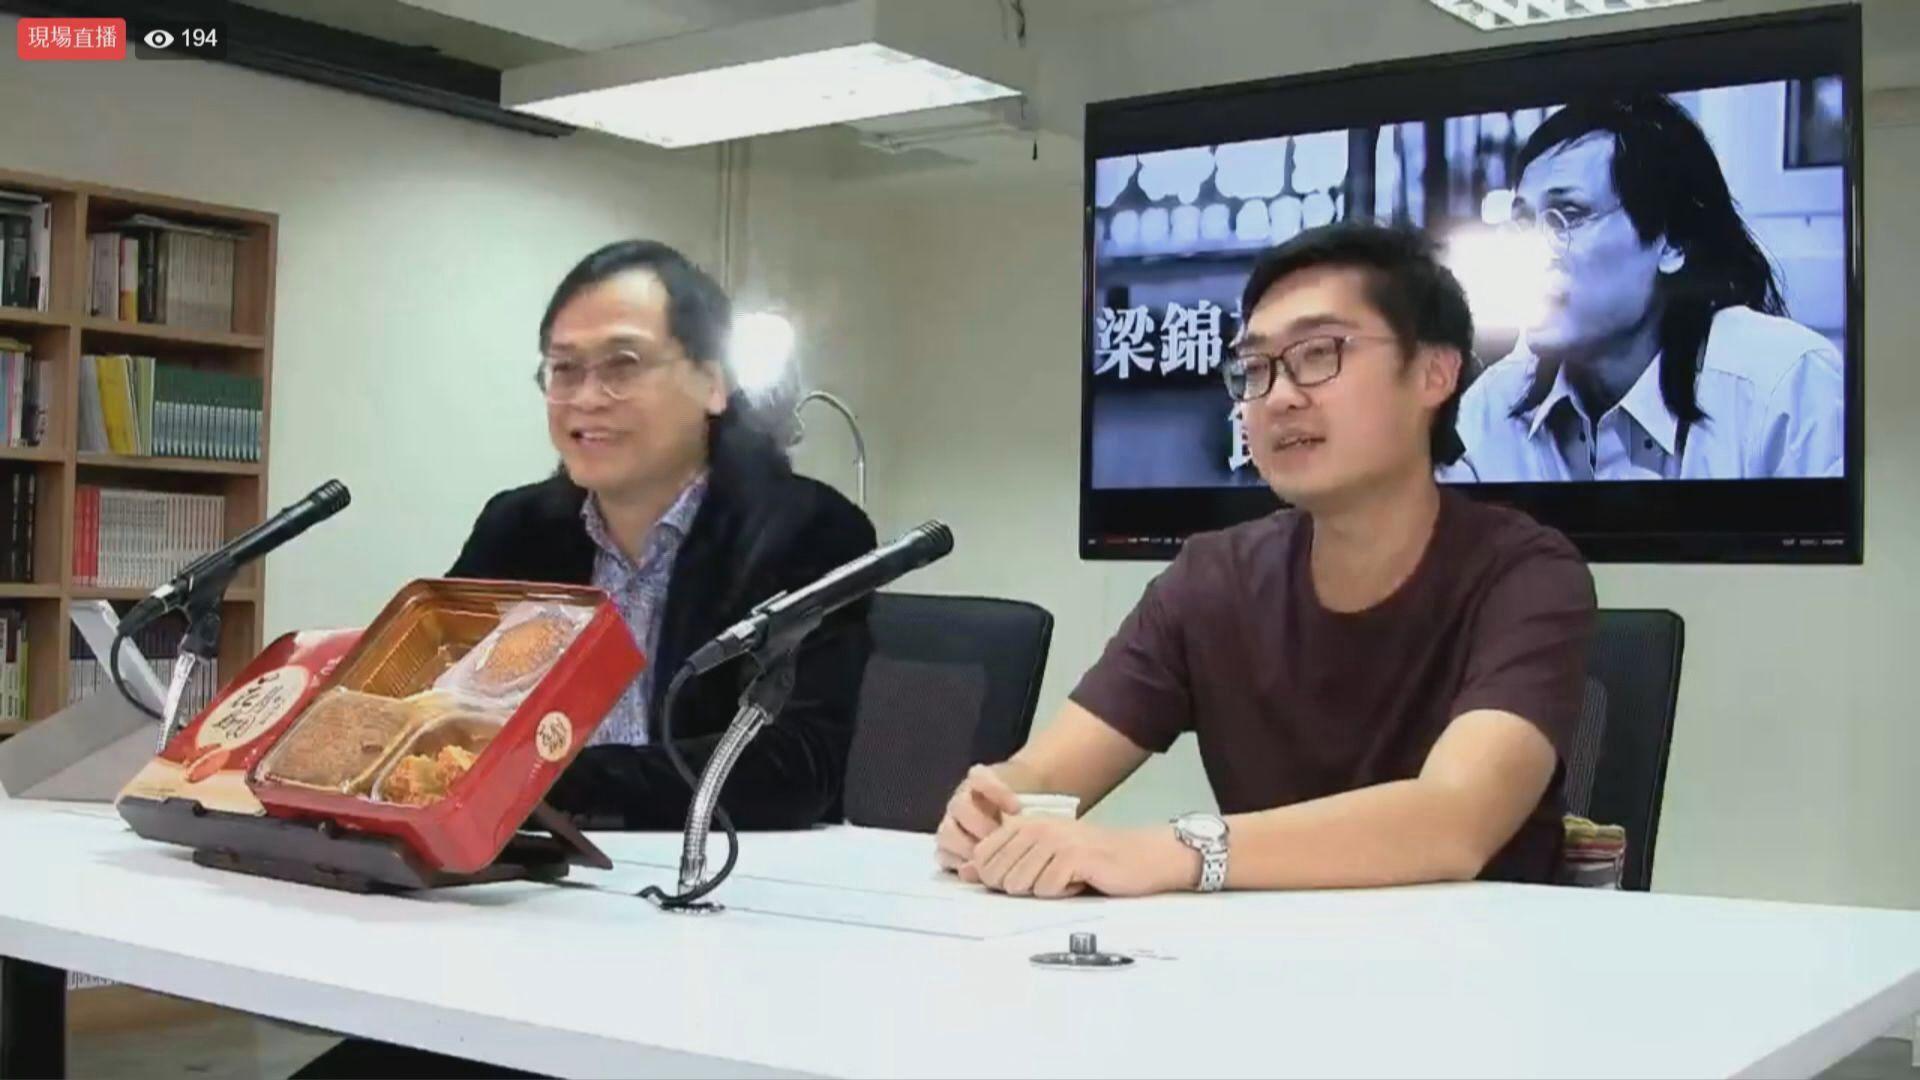 陳浩天稱暫不就香港民族黨被取締作回應